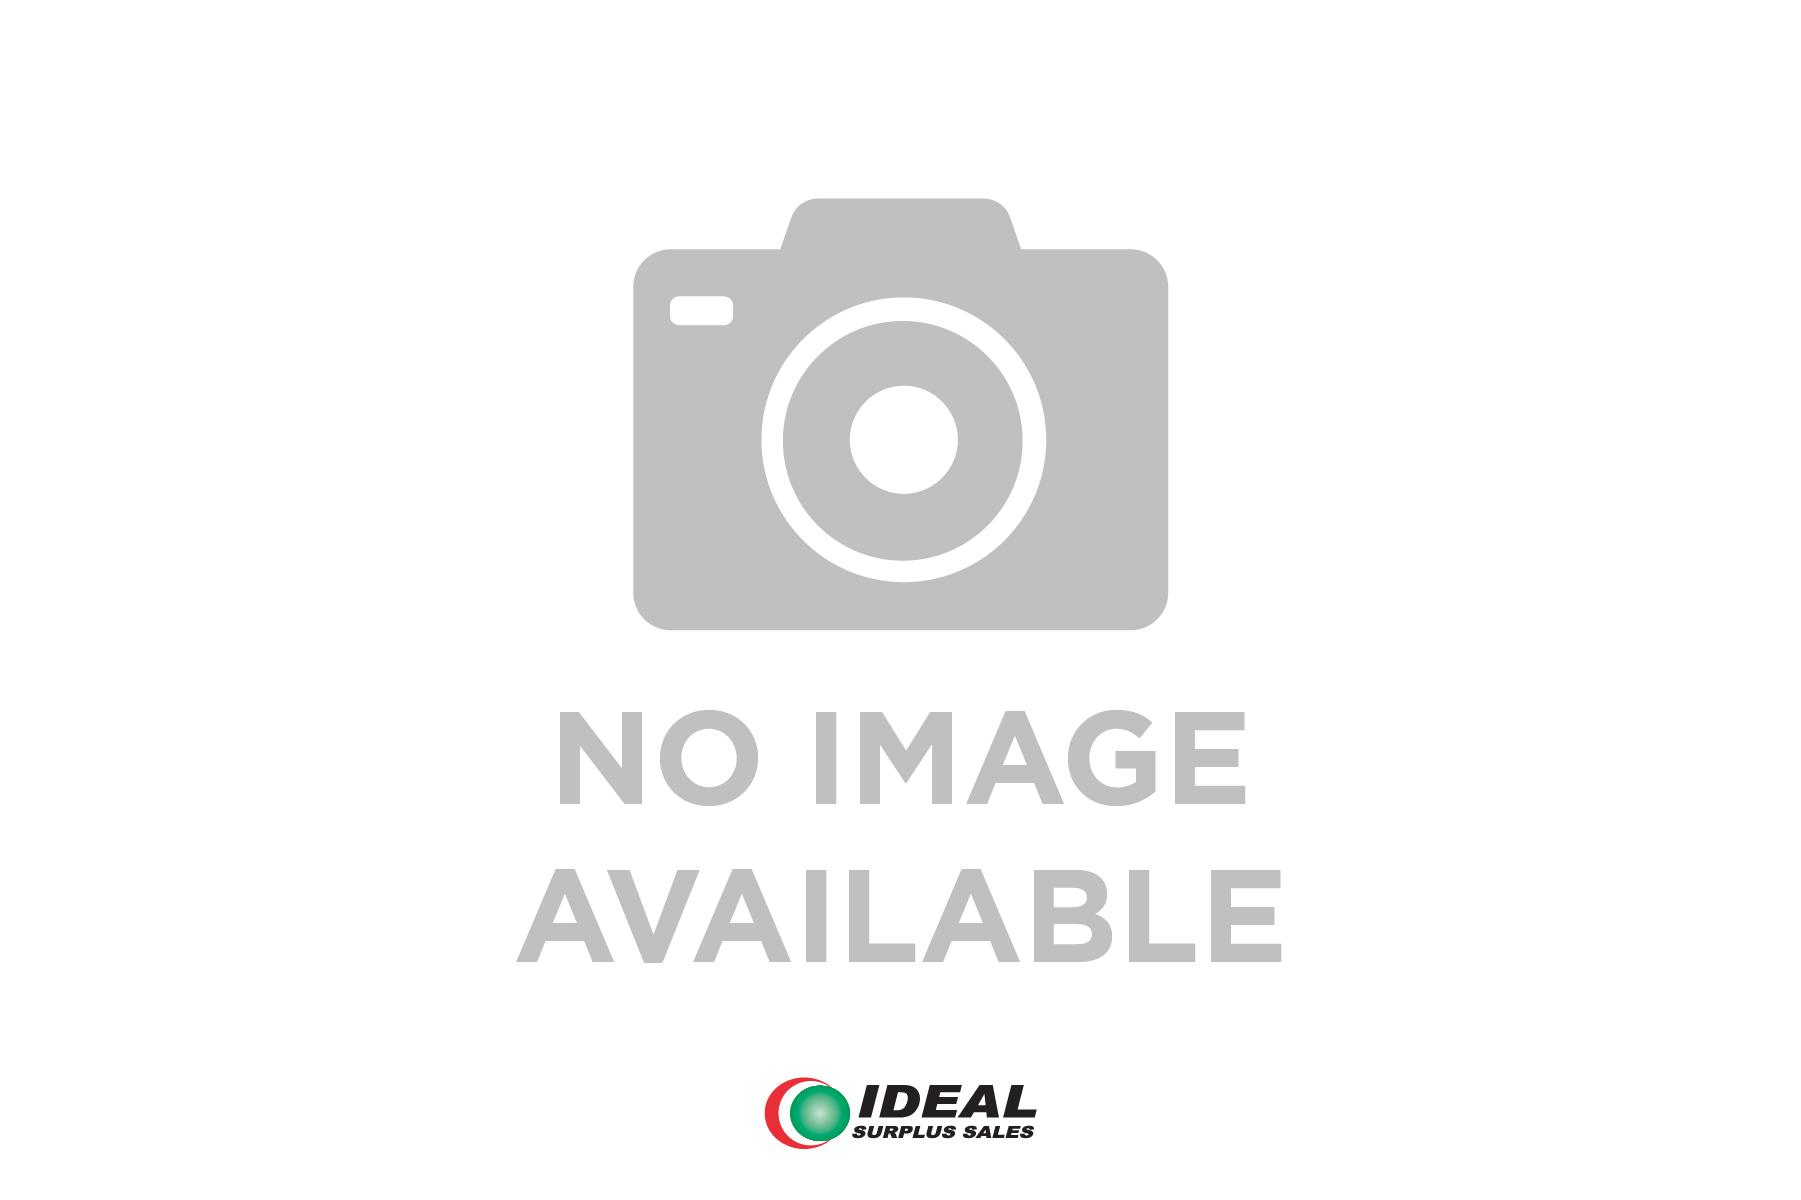 ISRA VISION 152032 CAMERA